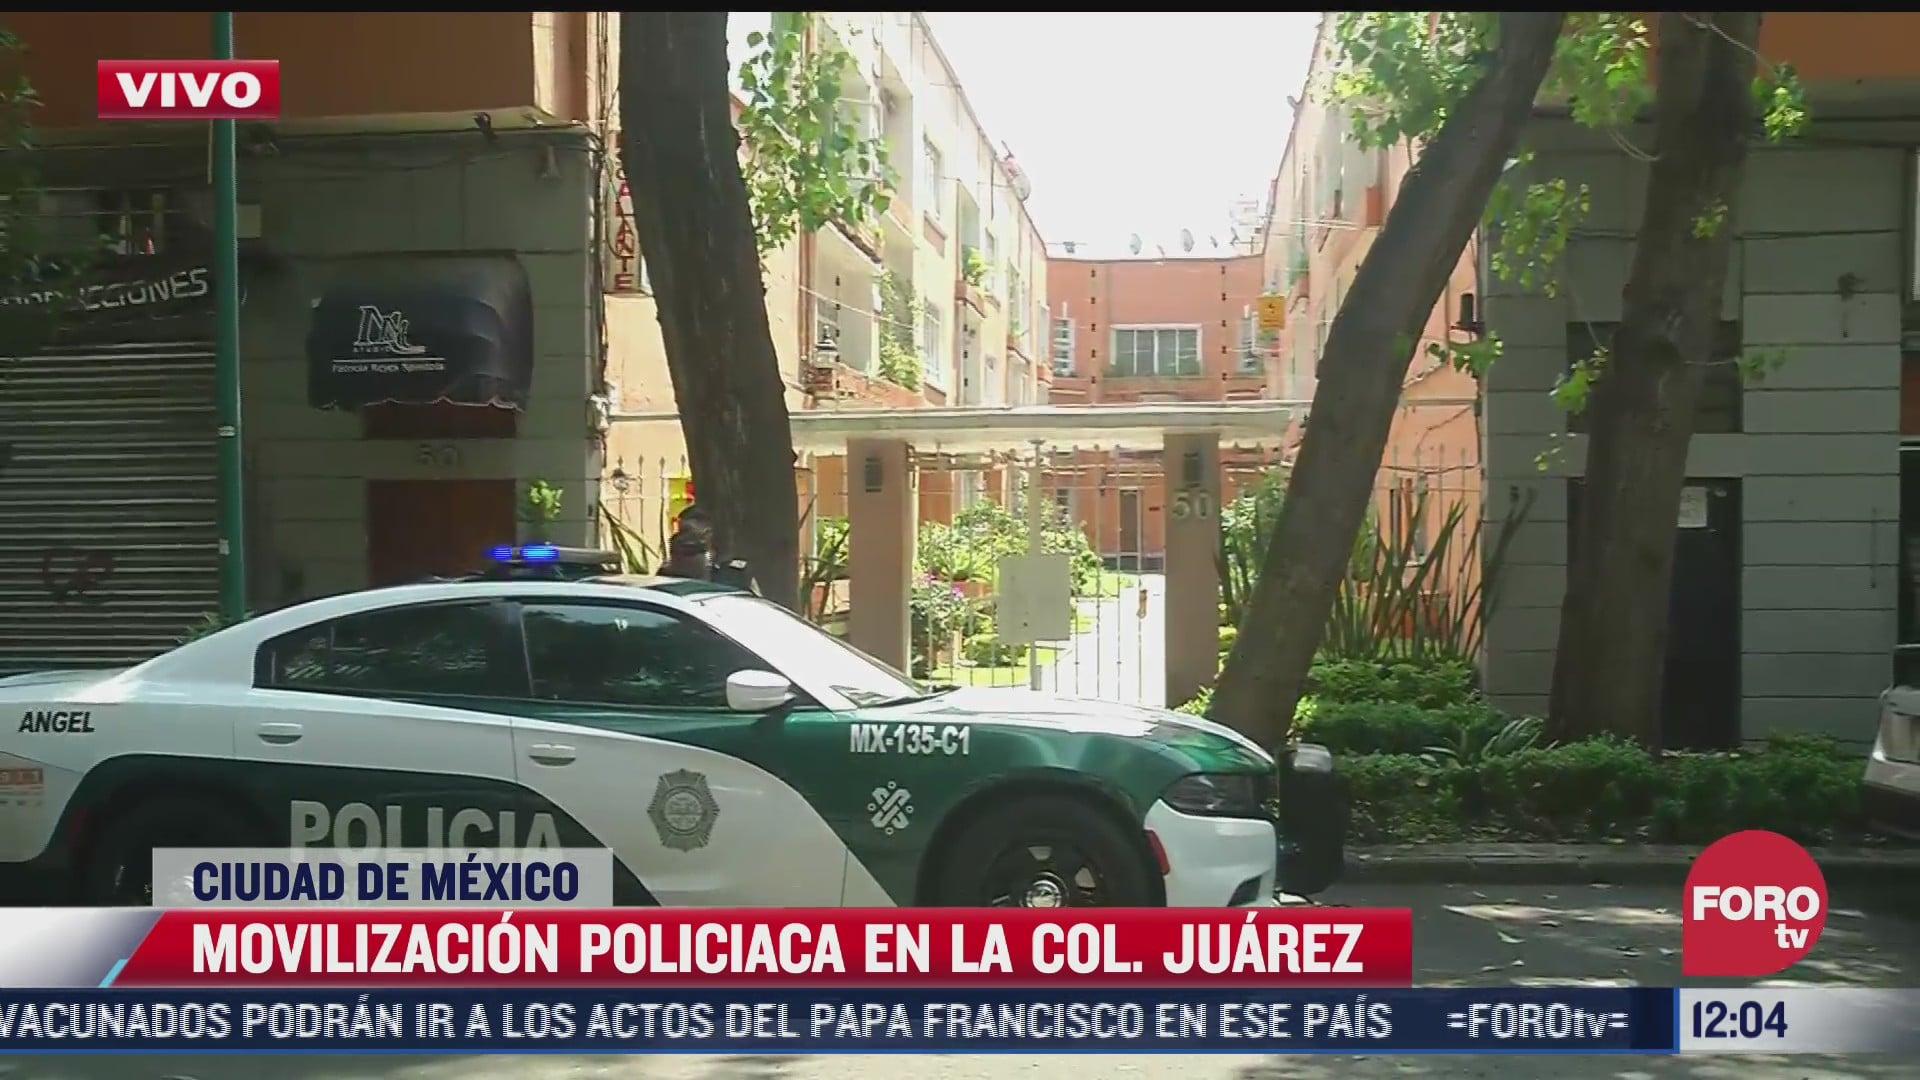 muere mujer en domicilio de la colonia juarez en la cdmx